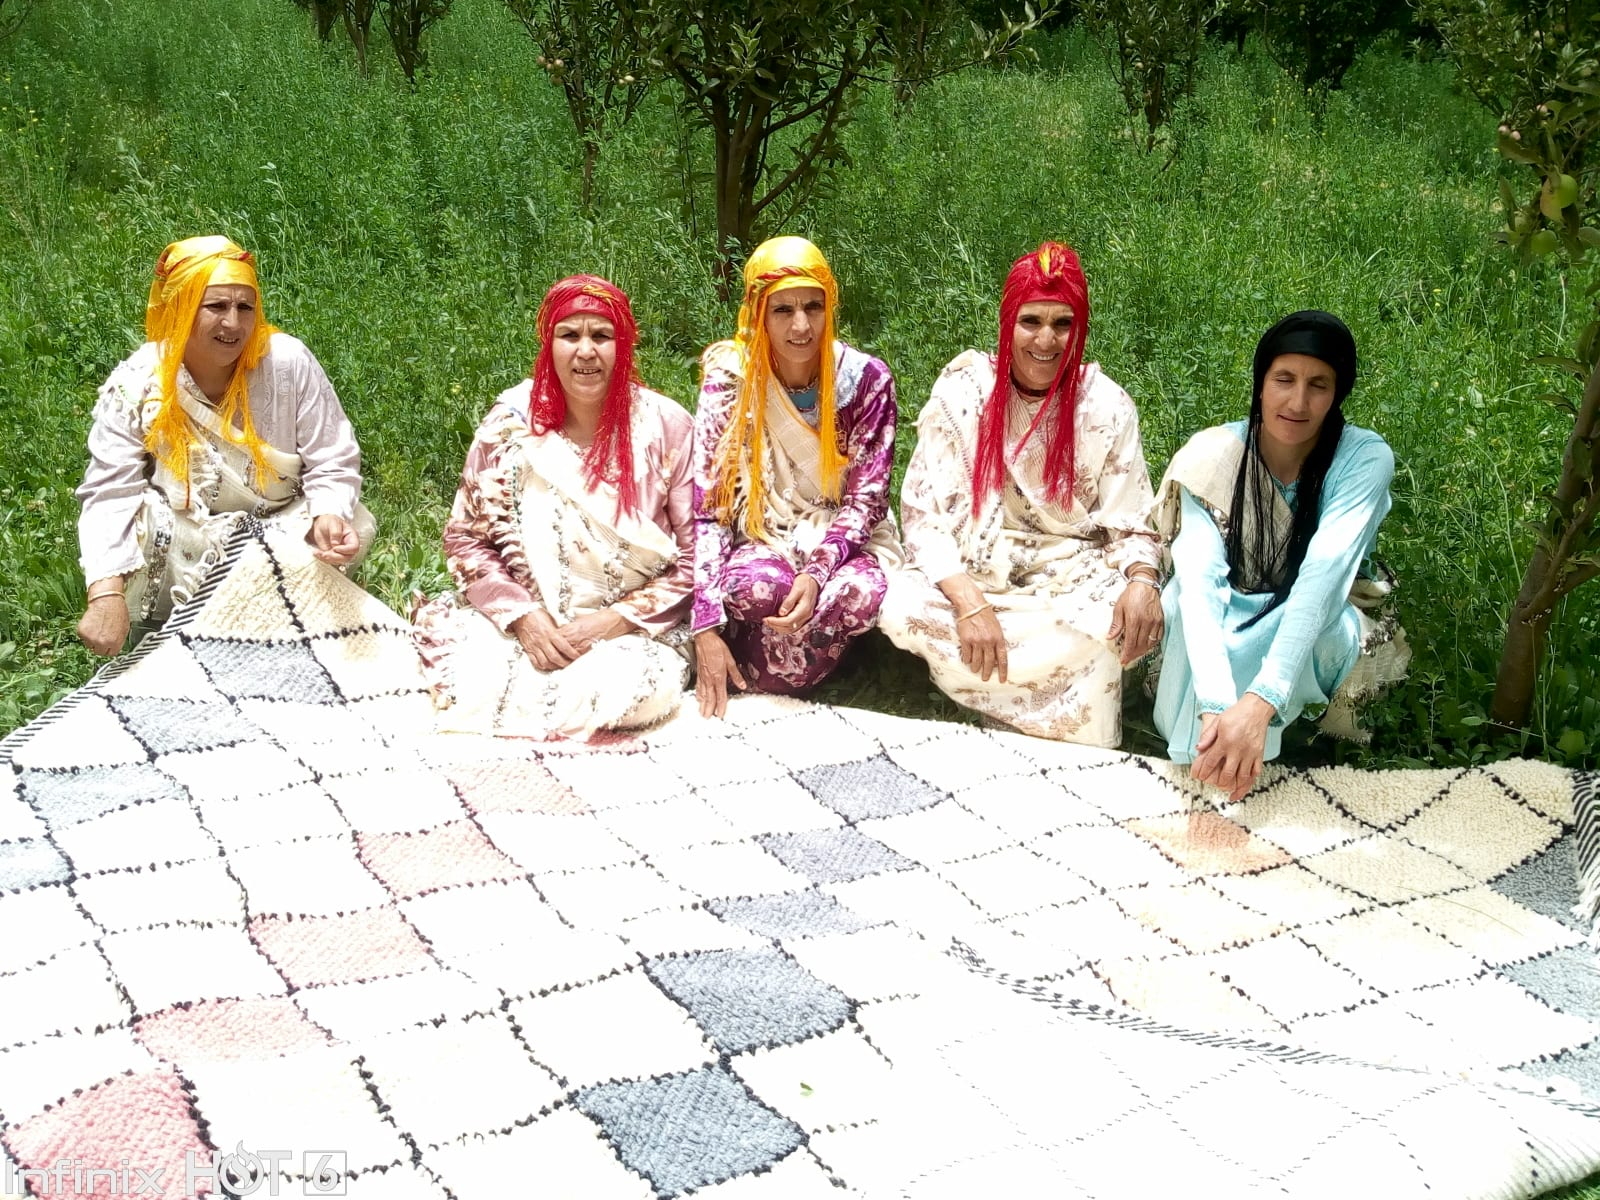 Beni Ourain  Colored Morocco